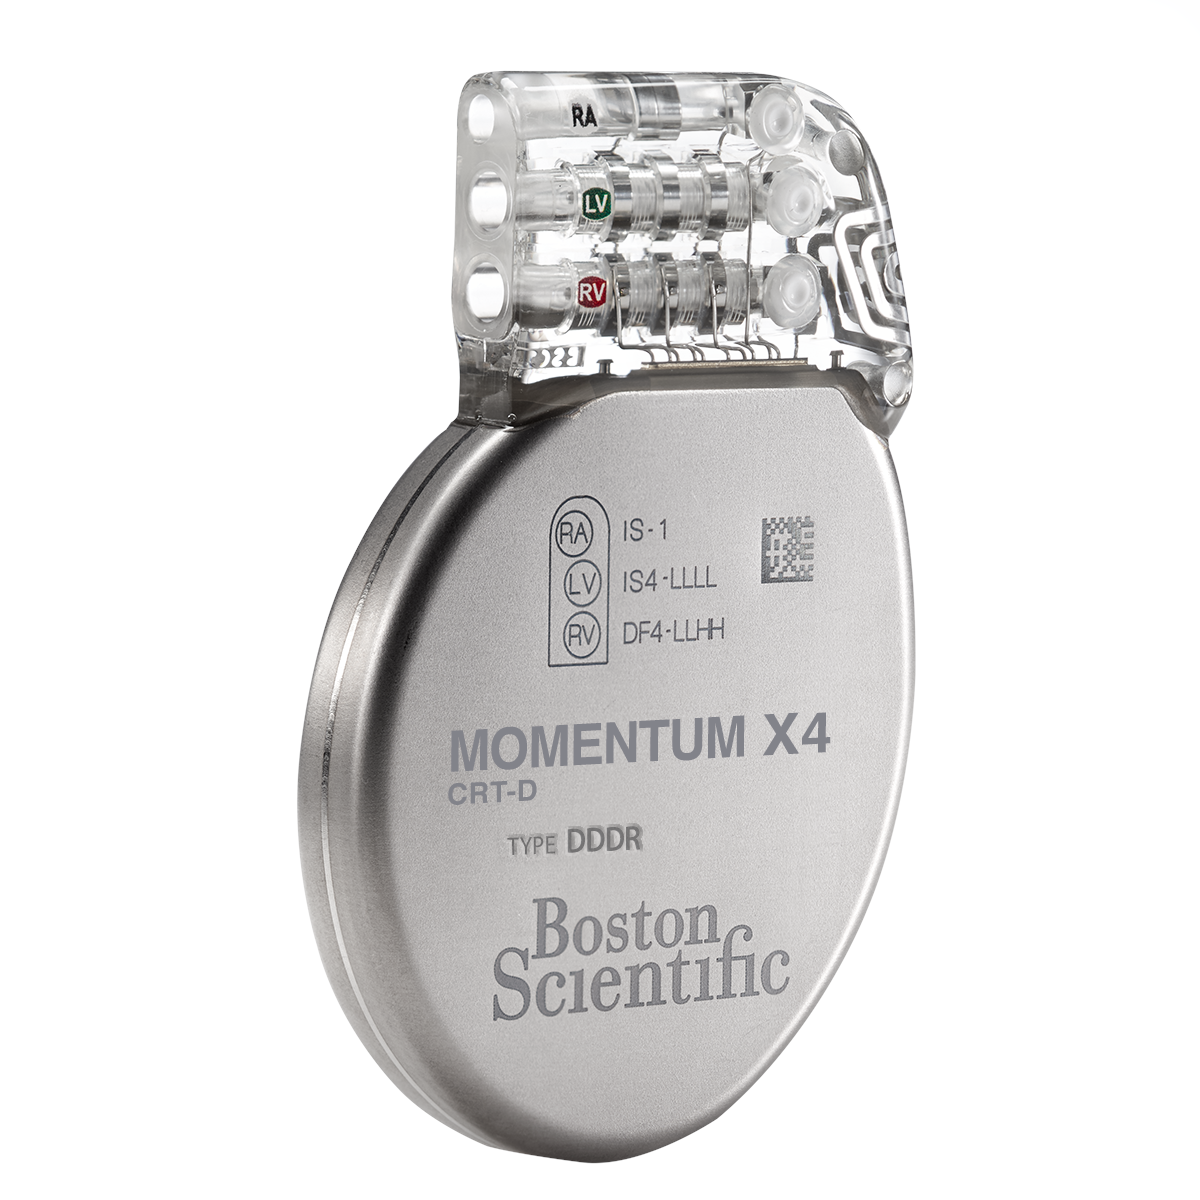 MOMENTUM X4 CRT-D